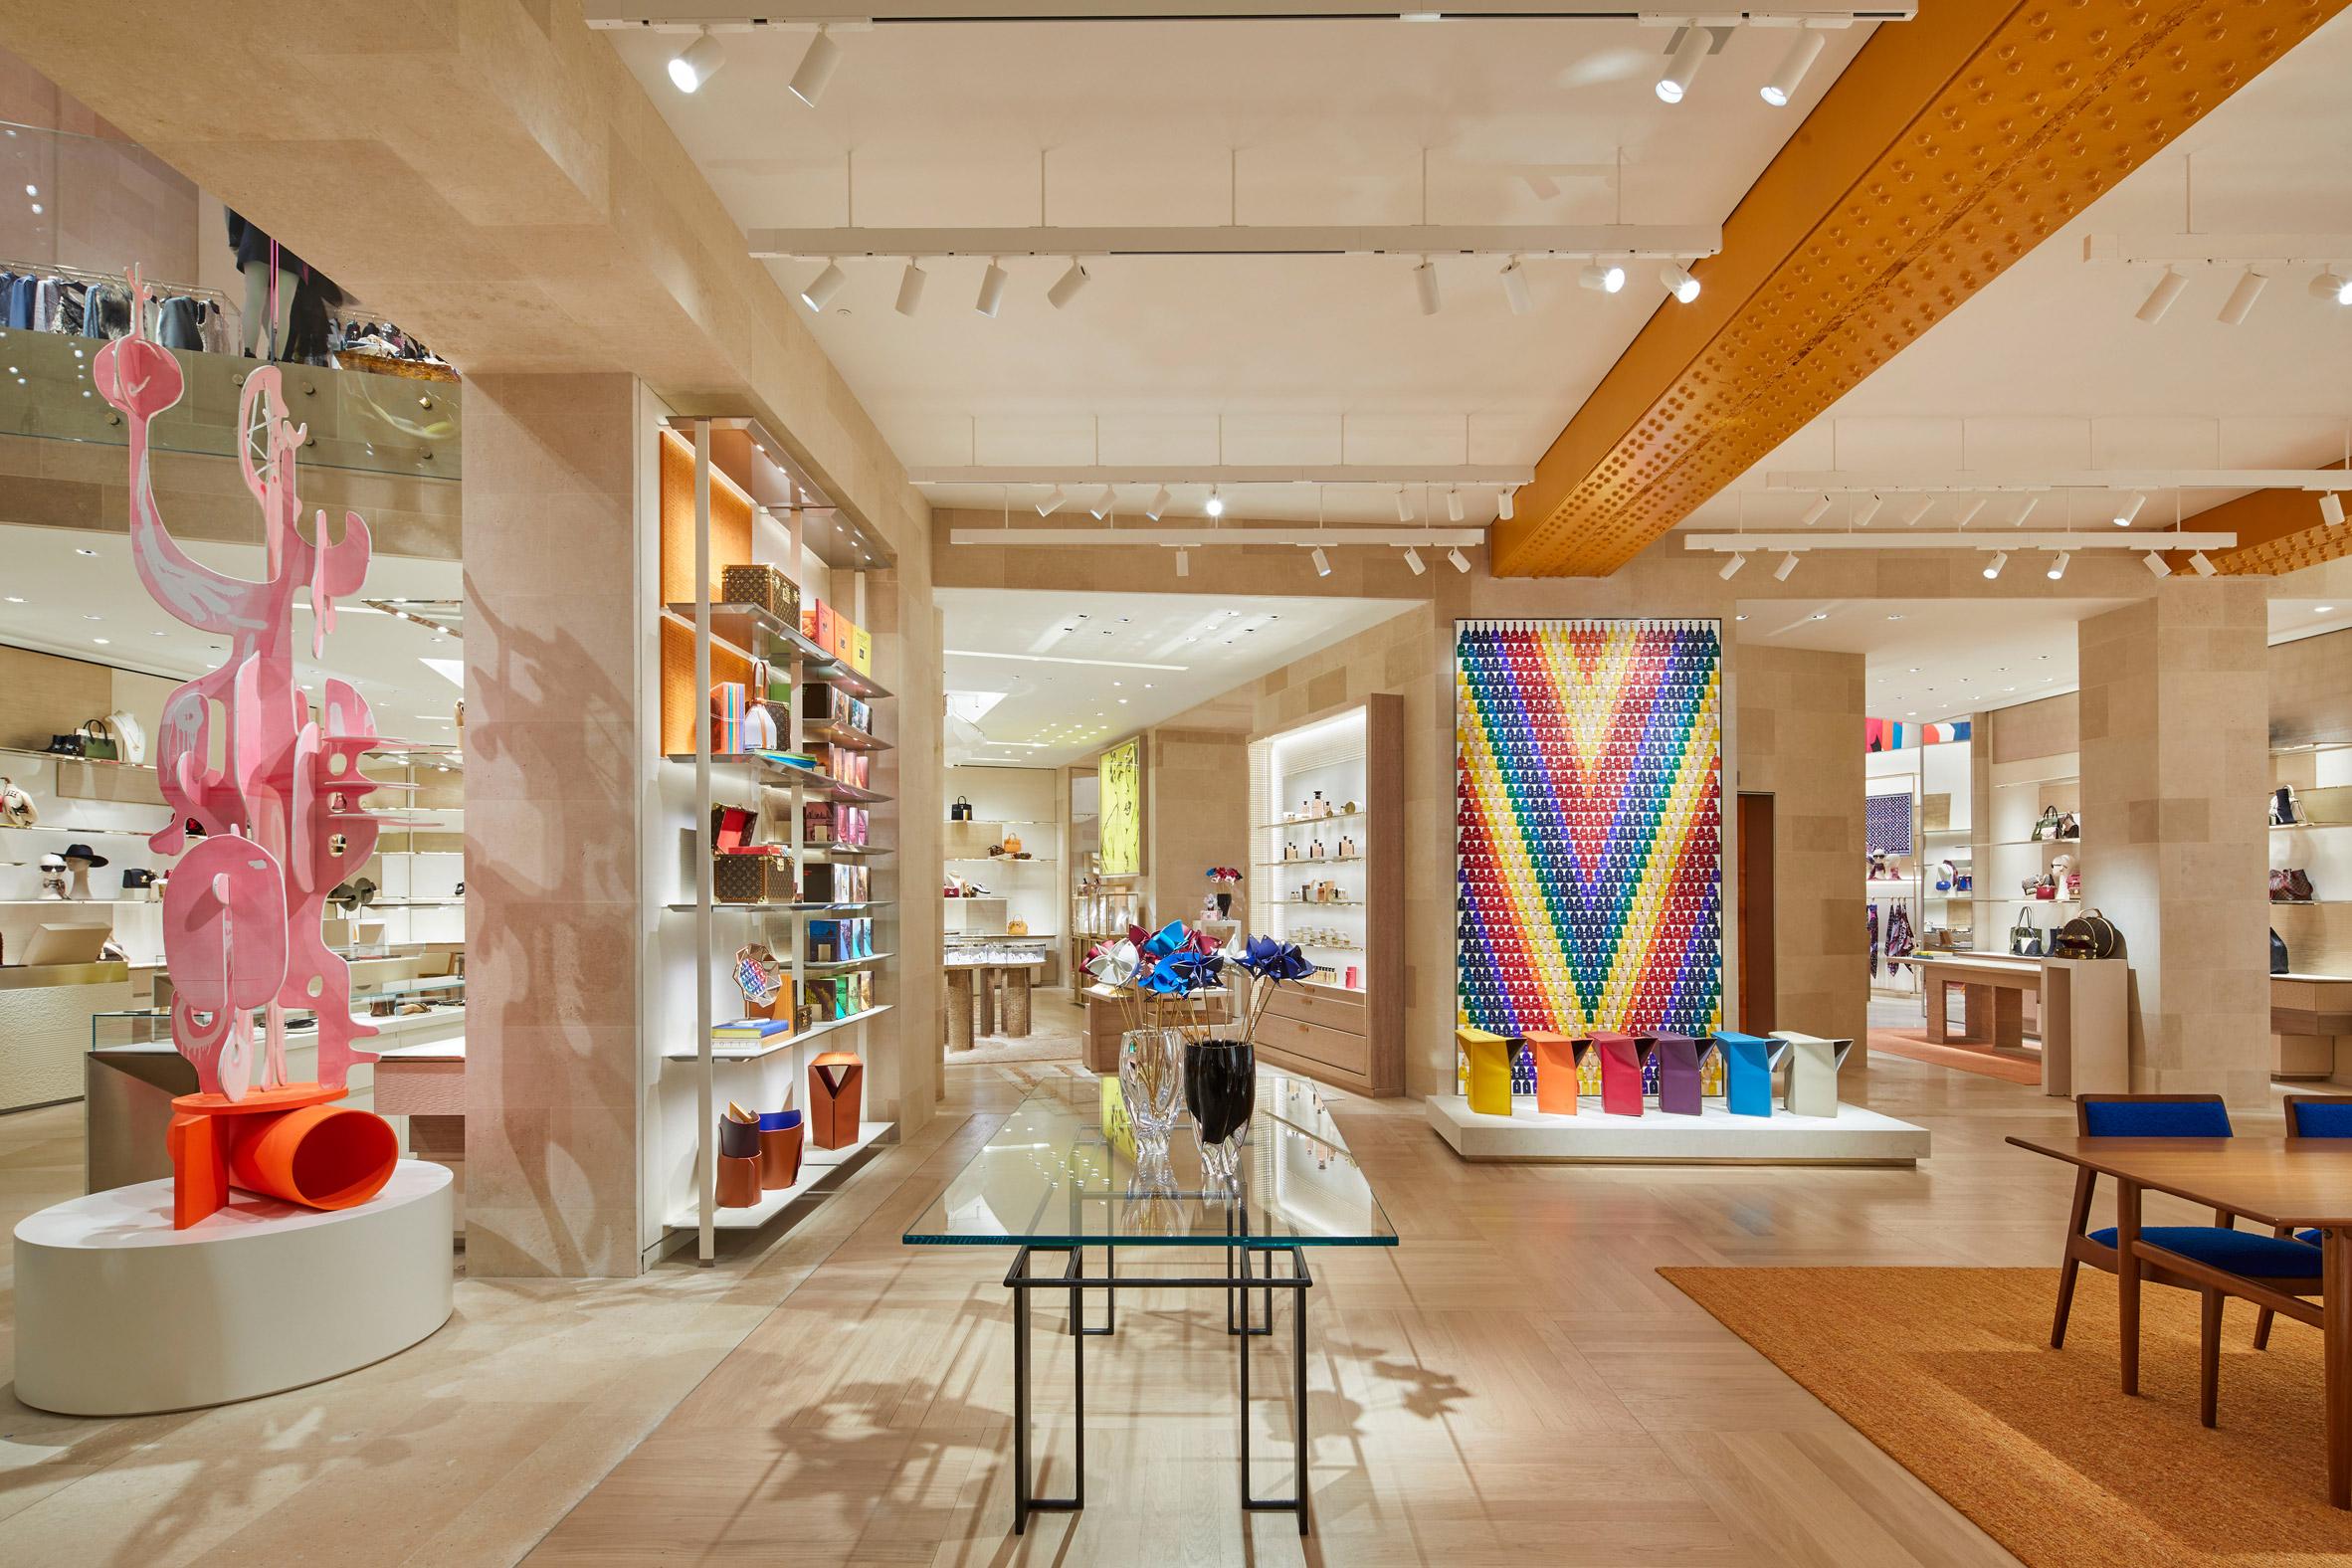 Thiết kế ánh sáng cho cửa hàng thời trang 4